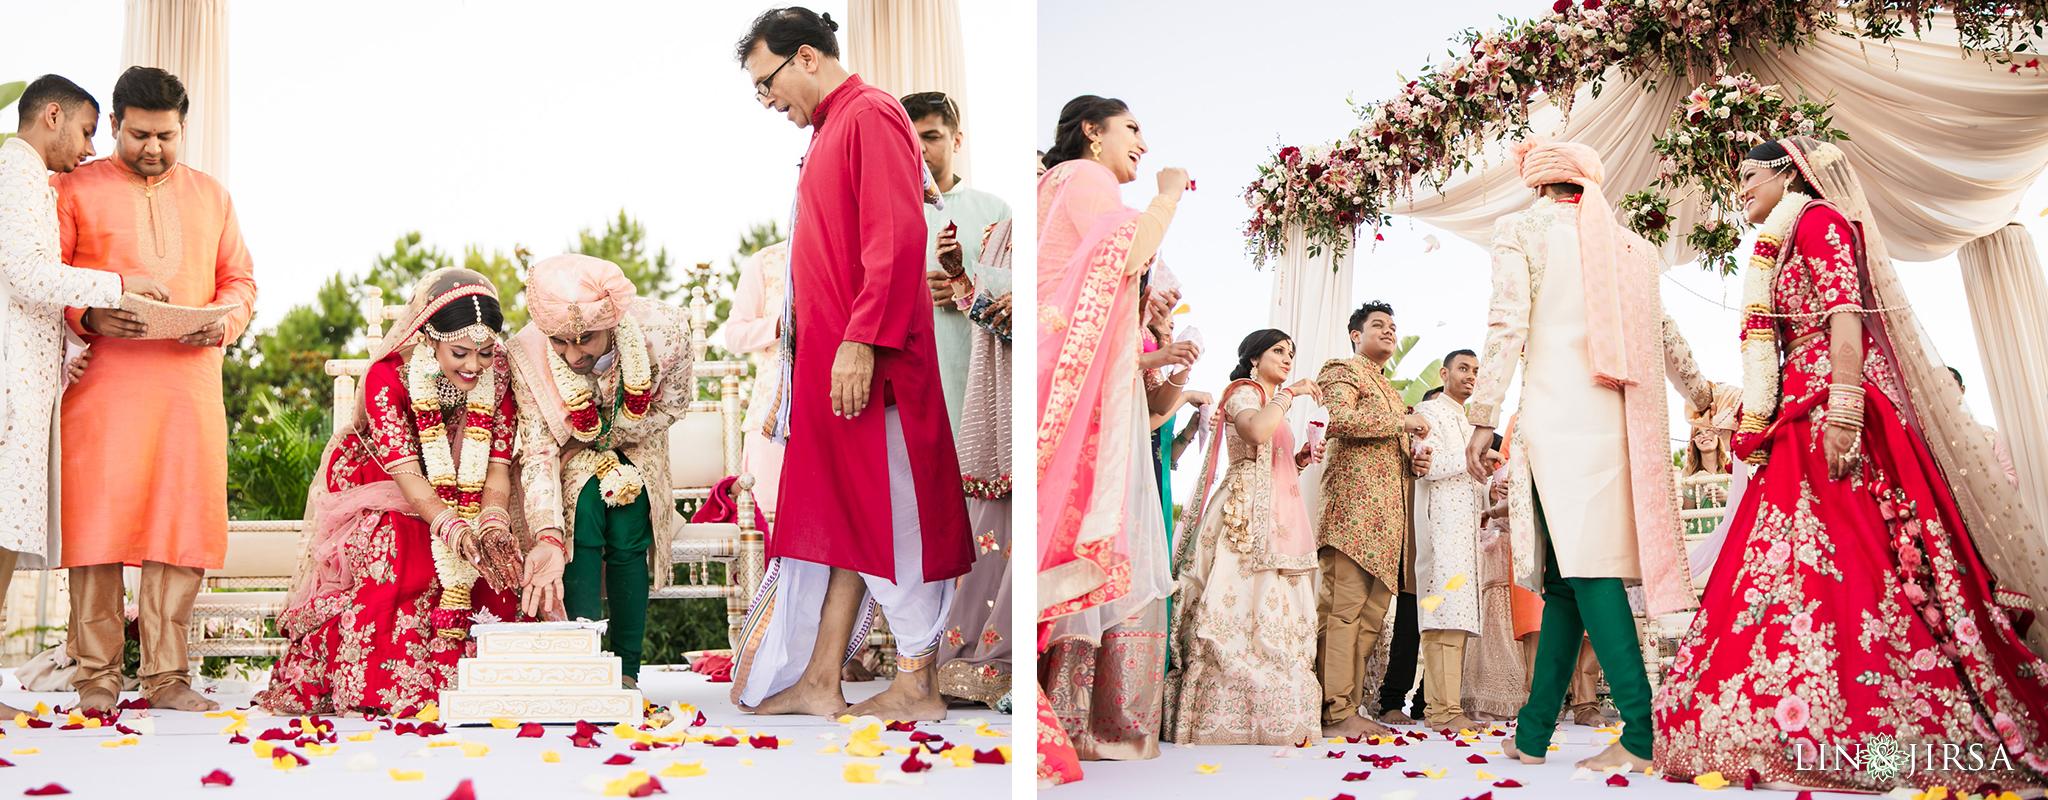 24 The Hilton Orlando Florida Indian Wedding Photography